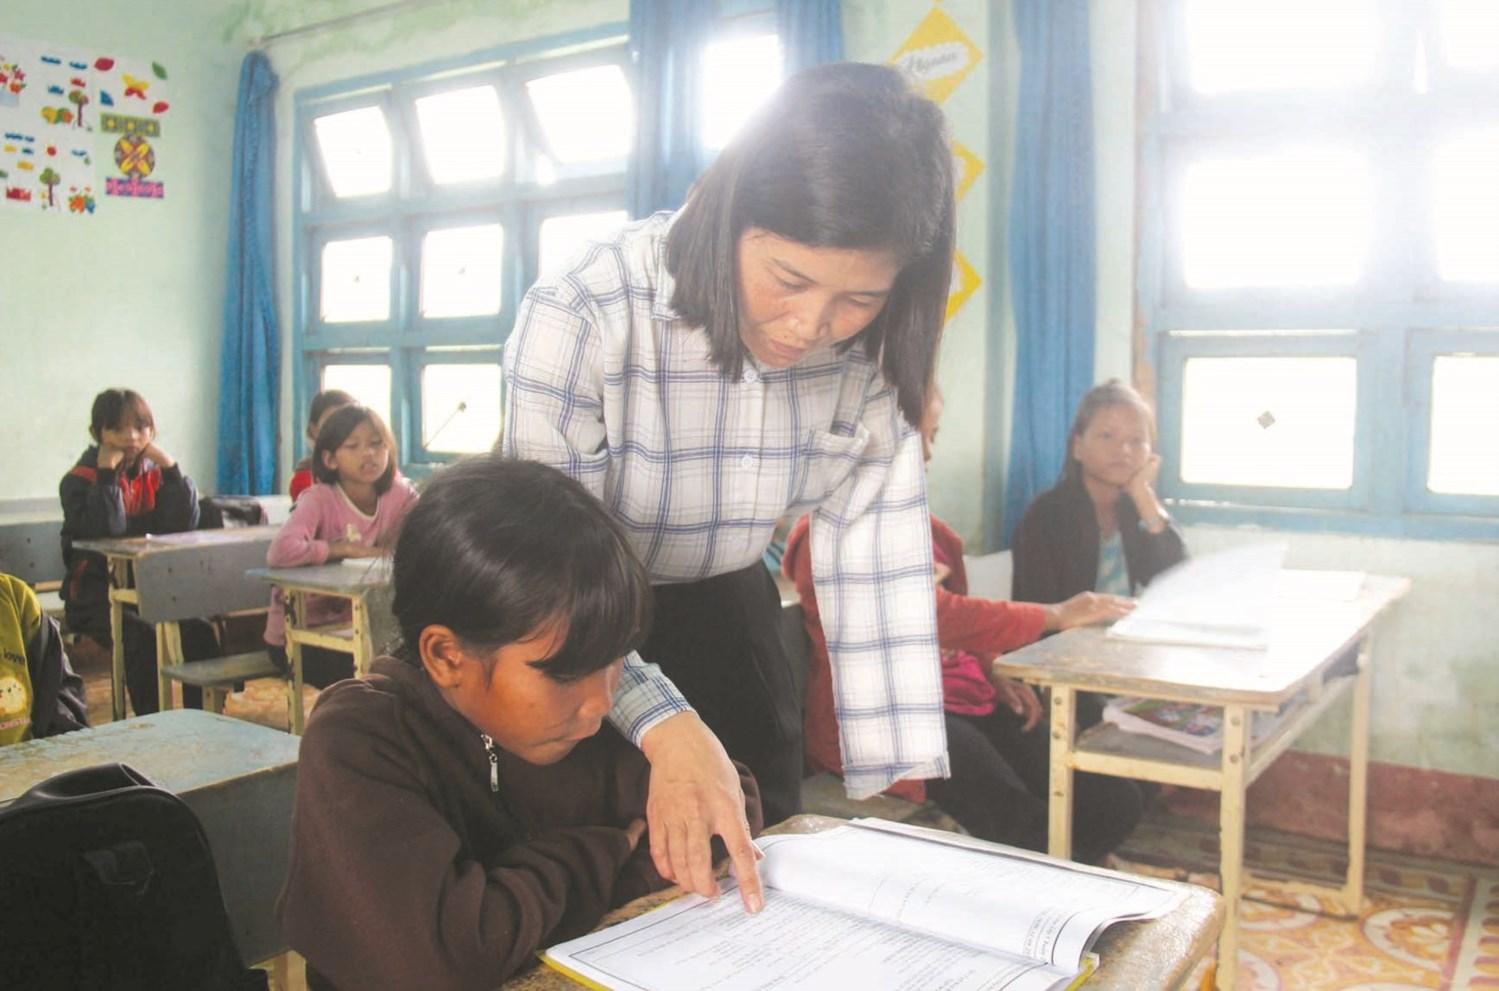 Cô giáo Trần Thị Bá Tiền luôn tận tâm truyền dạy kiến thức cho các em học sinh